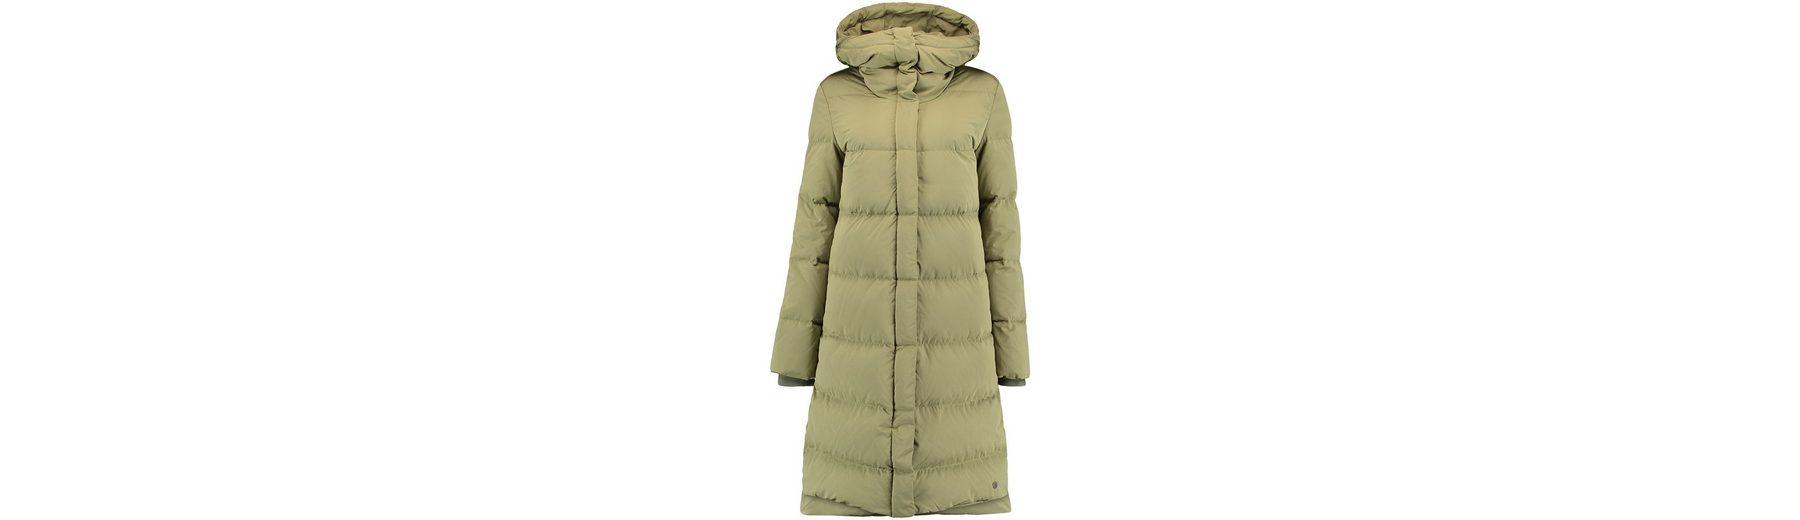 Kaufen Sie Günstig Online Einkaufen O'Neill Jacke Long Padded Eastbay In Deutschland Günstigem Preis Billig 100% Original jBWurcF1l